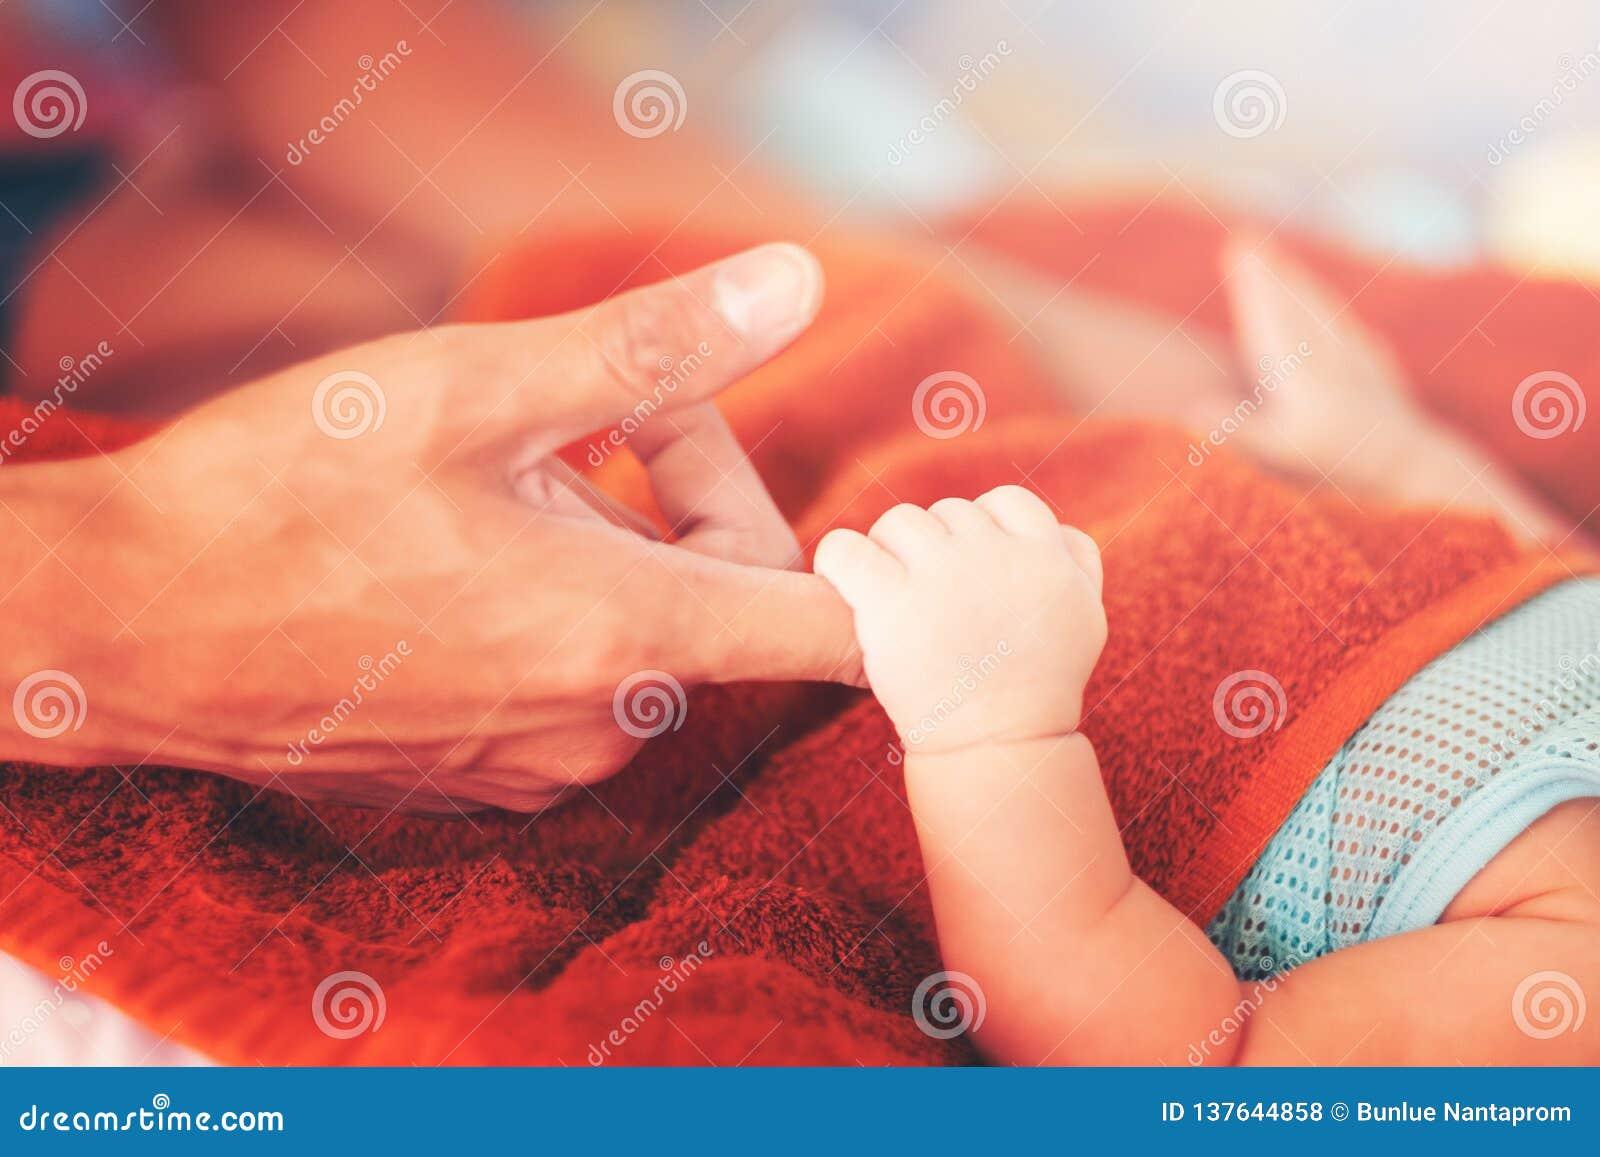 Mano del neonato della tenuta del padre Concetto  nucleo familiare  felice Bella immagine concettuale di maternità, mano del raga